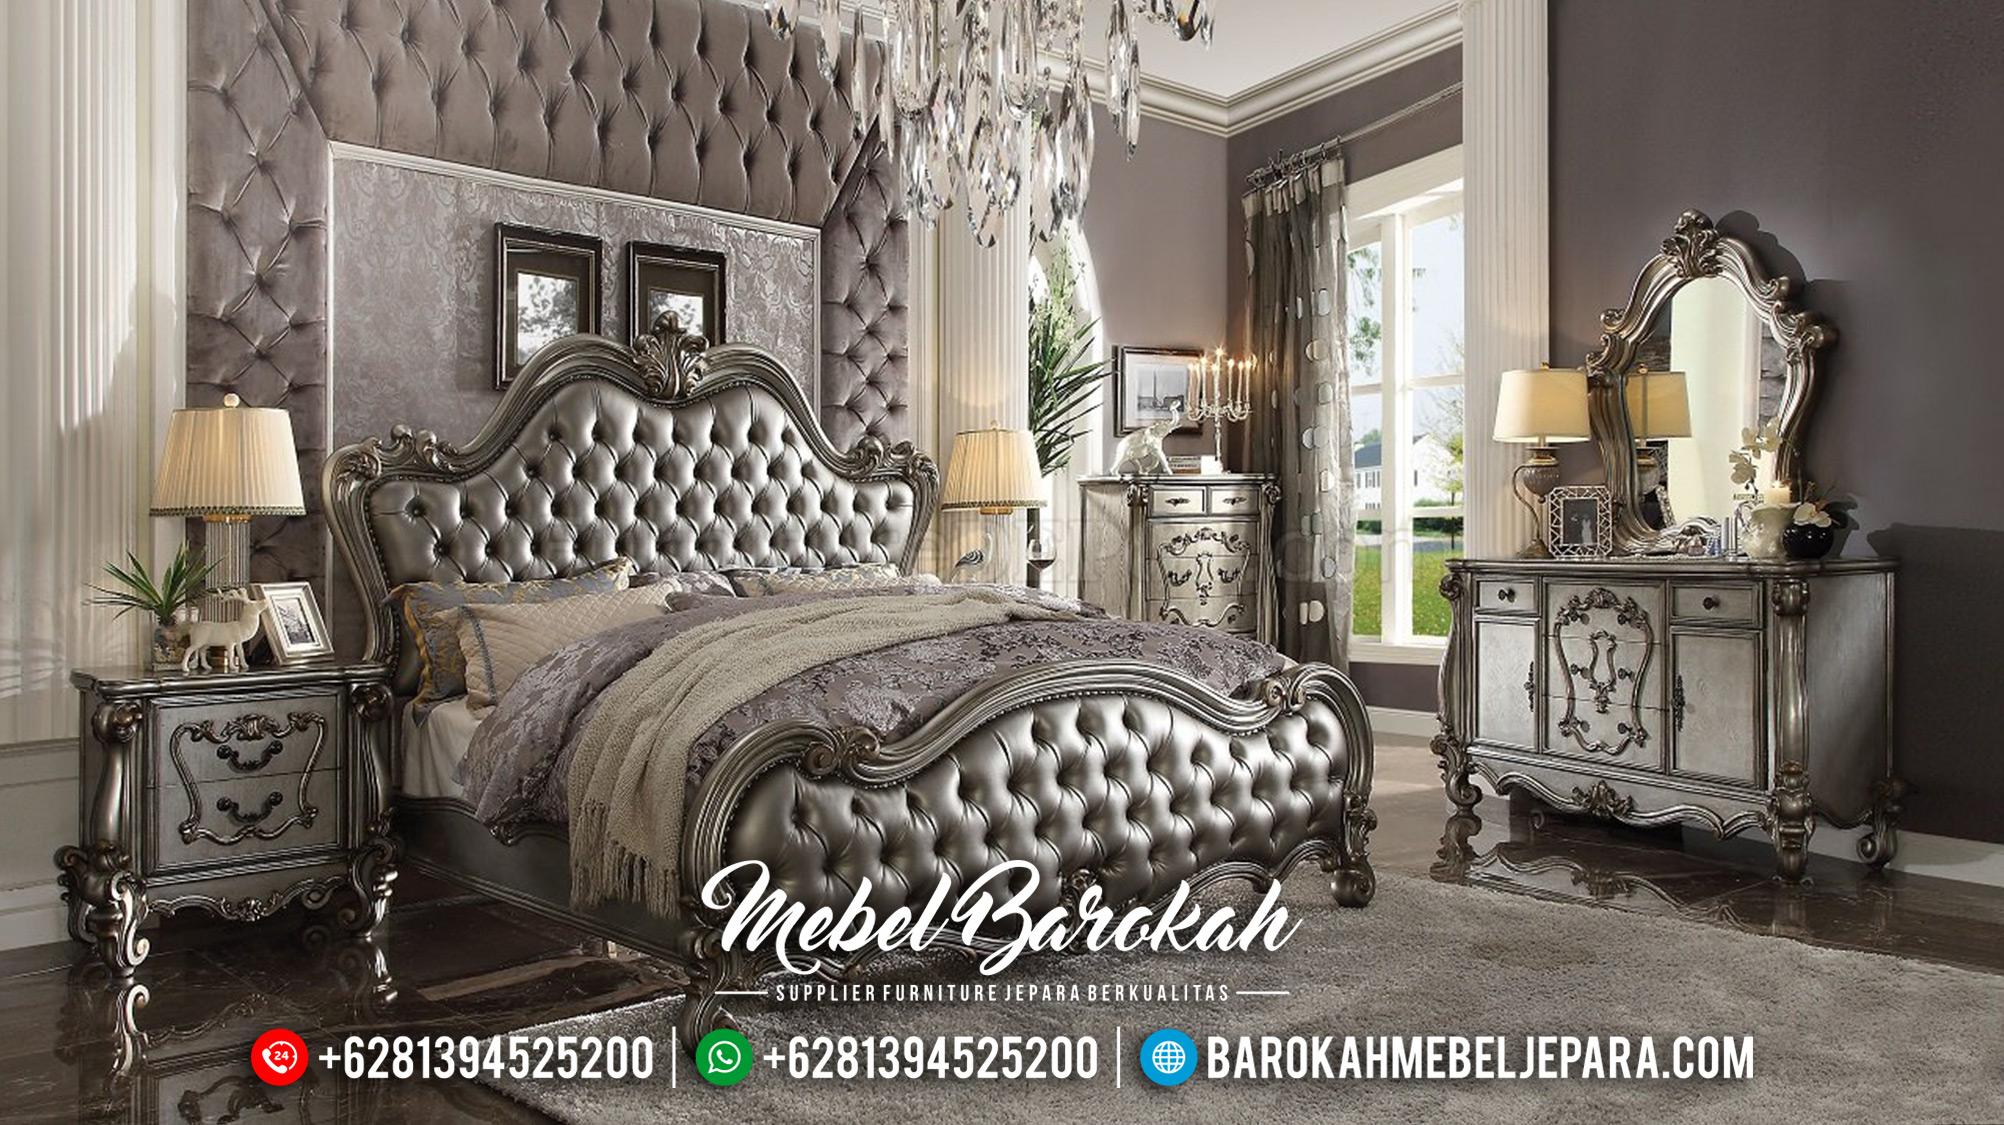 Jual Kamar Set Mewah Jepara Silver Glossy Duco MB-0352